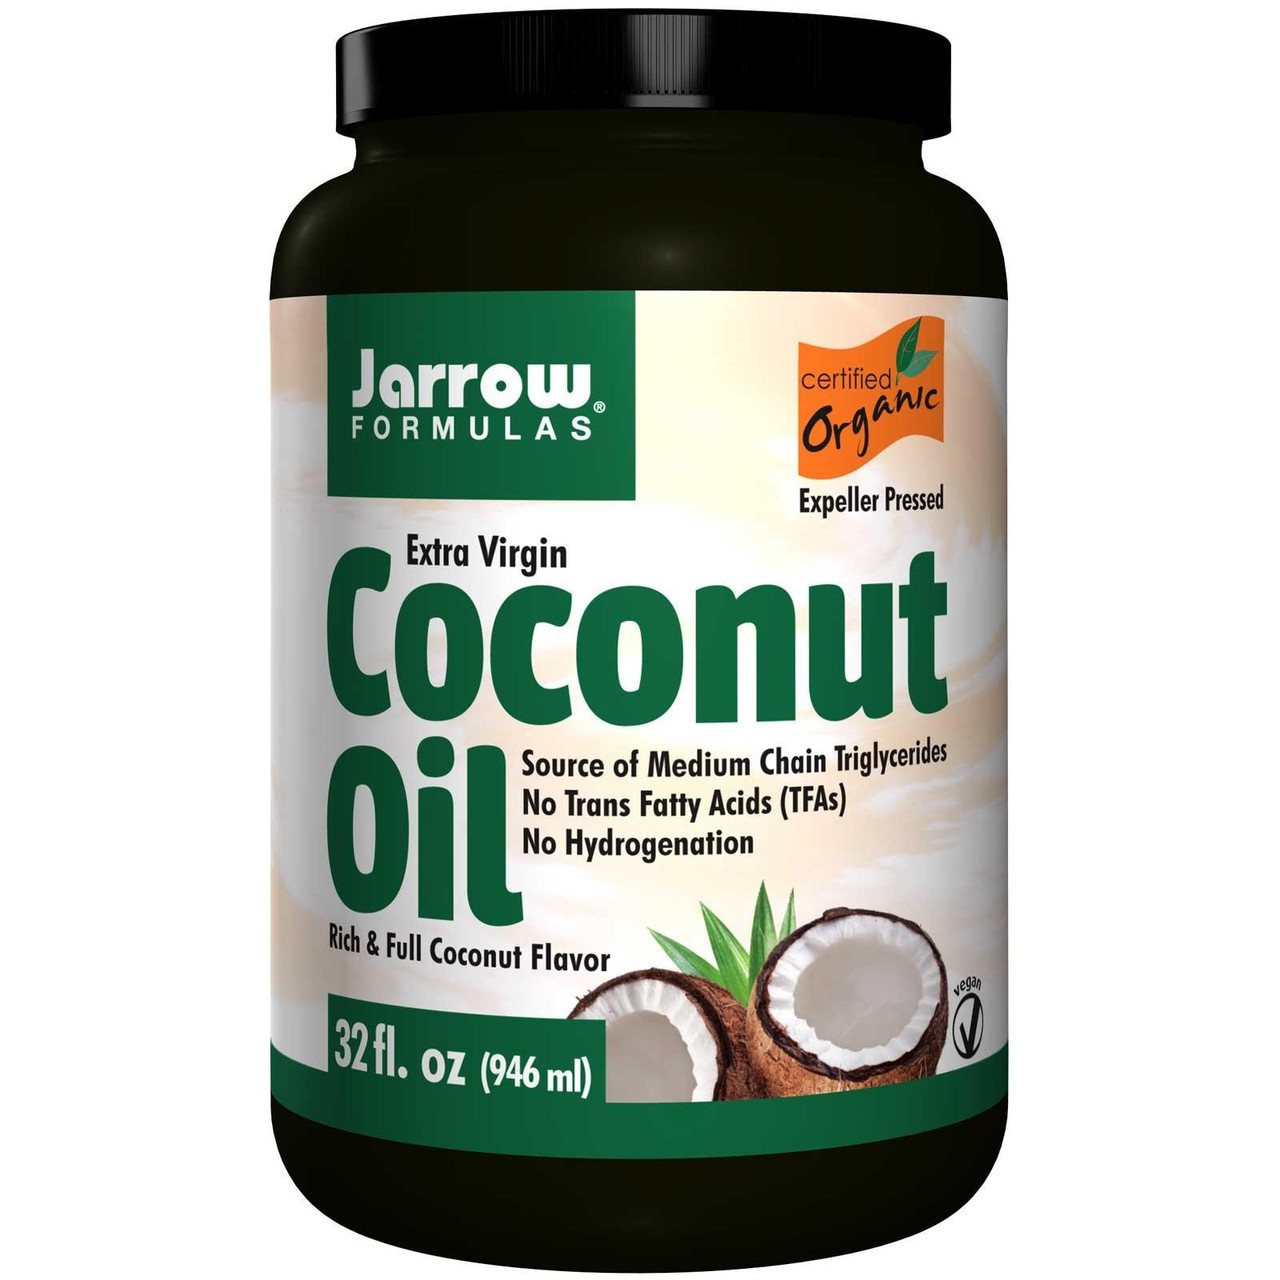 Кокосовое масло натуральное высокой степени очистки, Jarrow Formulas, органическое, 908 г - ⭐FREELIFE⭐ интернет-магазин натуральных препаратов для здоровья №➀ в Украине в Киеве